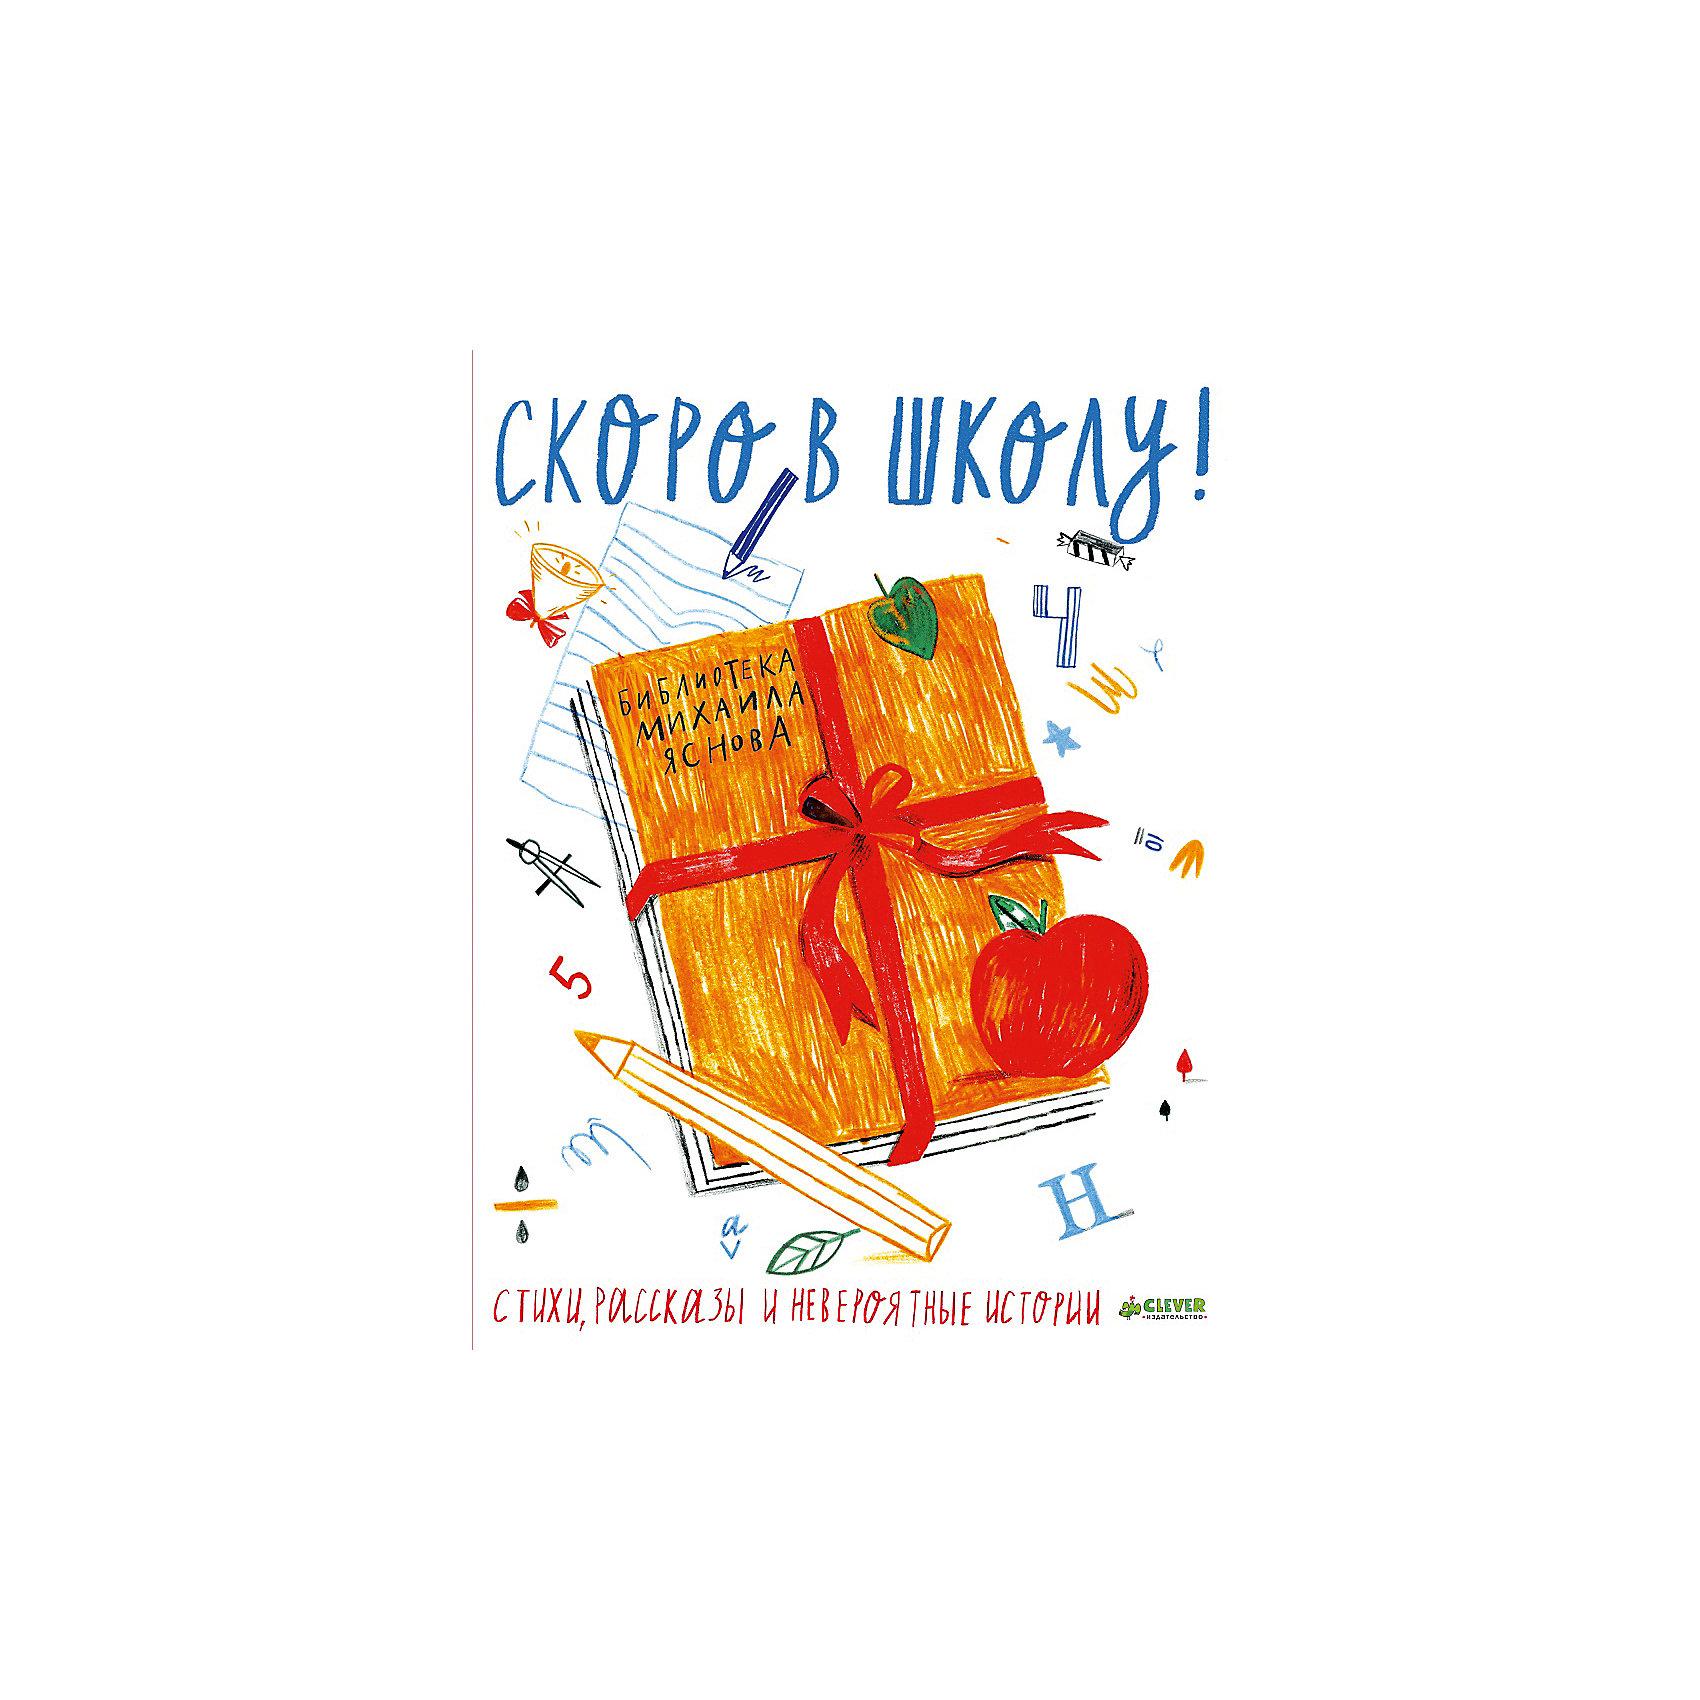 Clever Стихи, рассказы и истории Скоро в школу, М. Яснов раннее развитие clever набор для девочки скоро в школу комплект из 5 книг